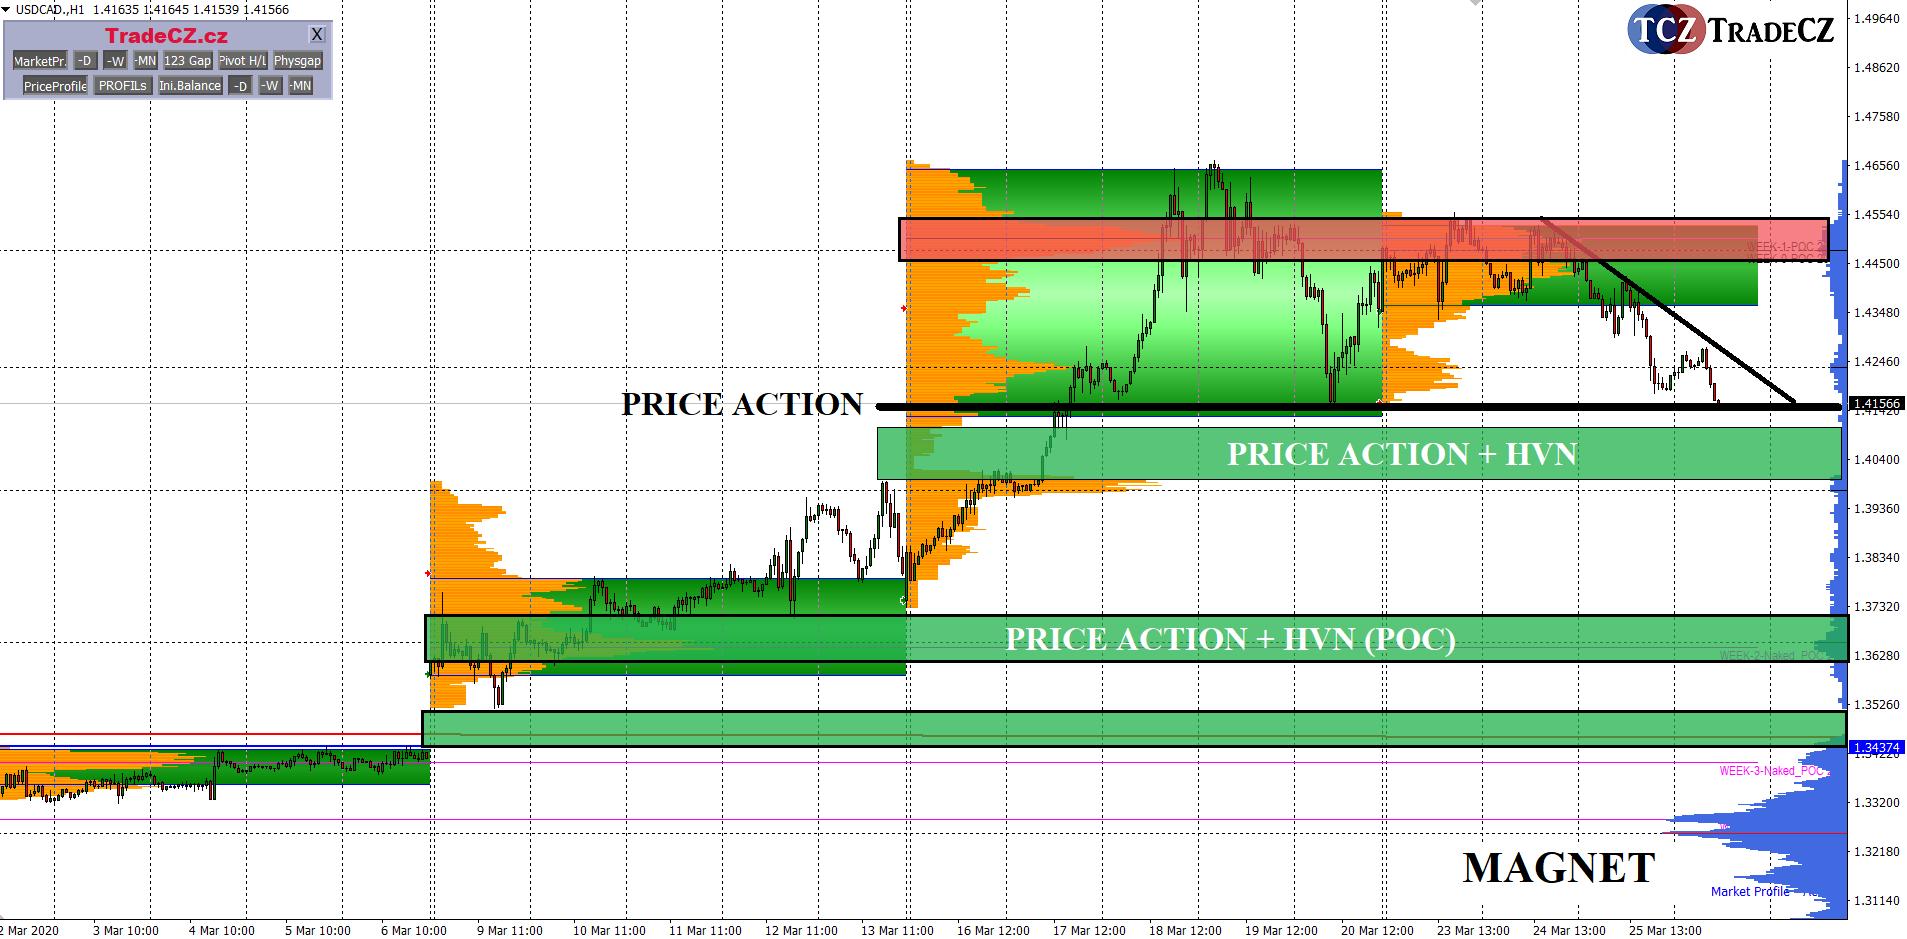 Market Profile v MT4 USDCAD